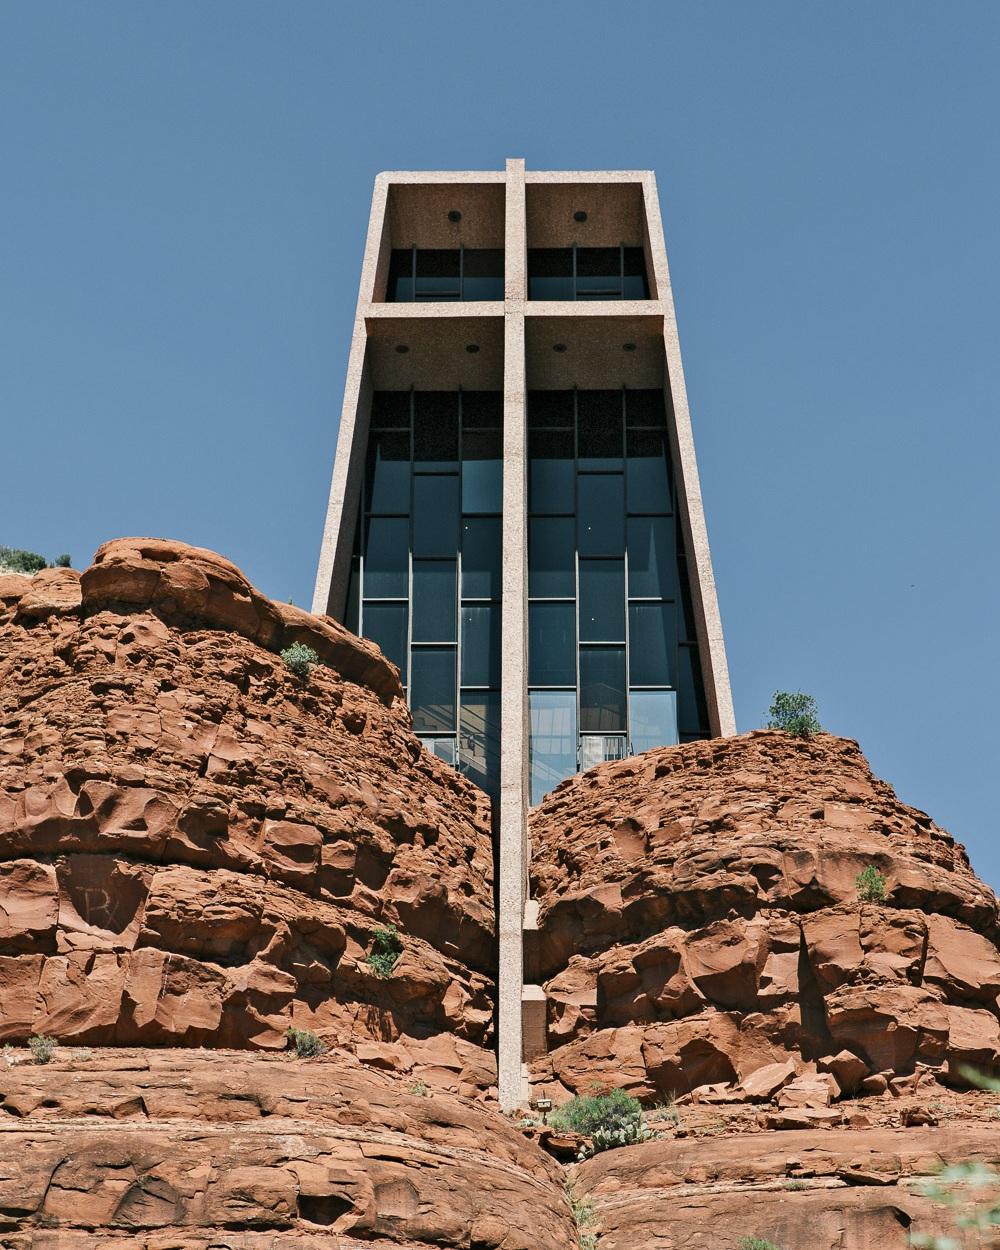 chapel-of-the-holy-cross-sedona-arizona.jpg